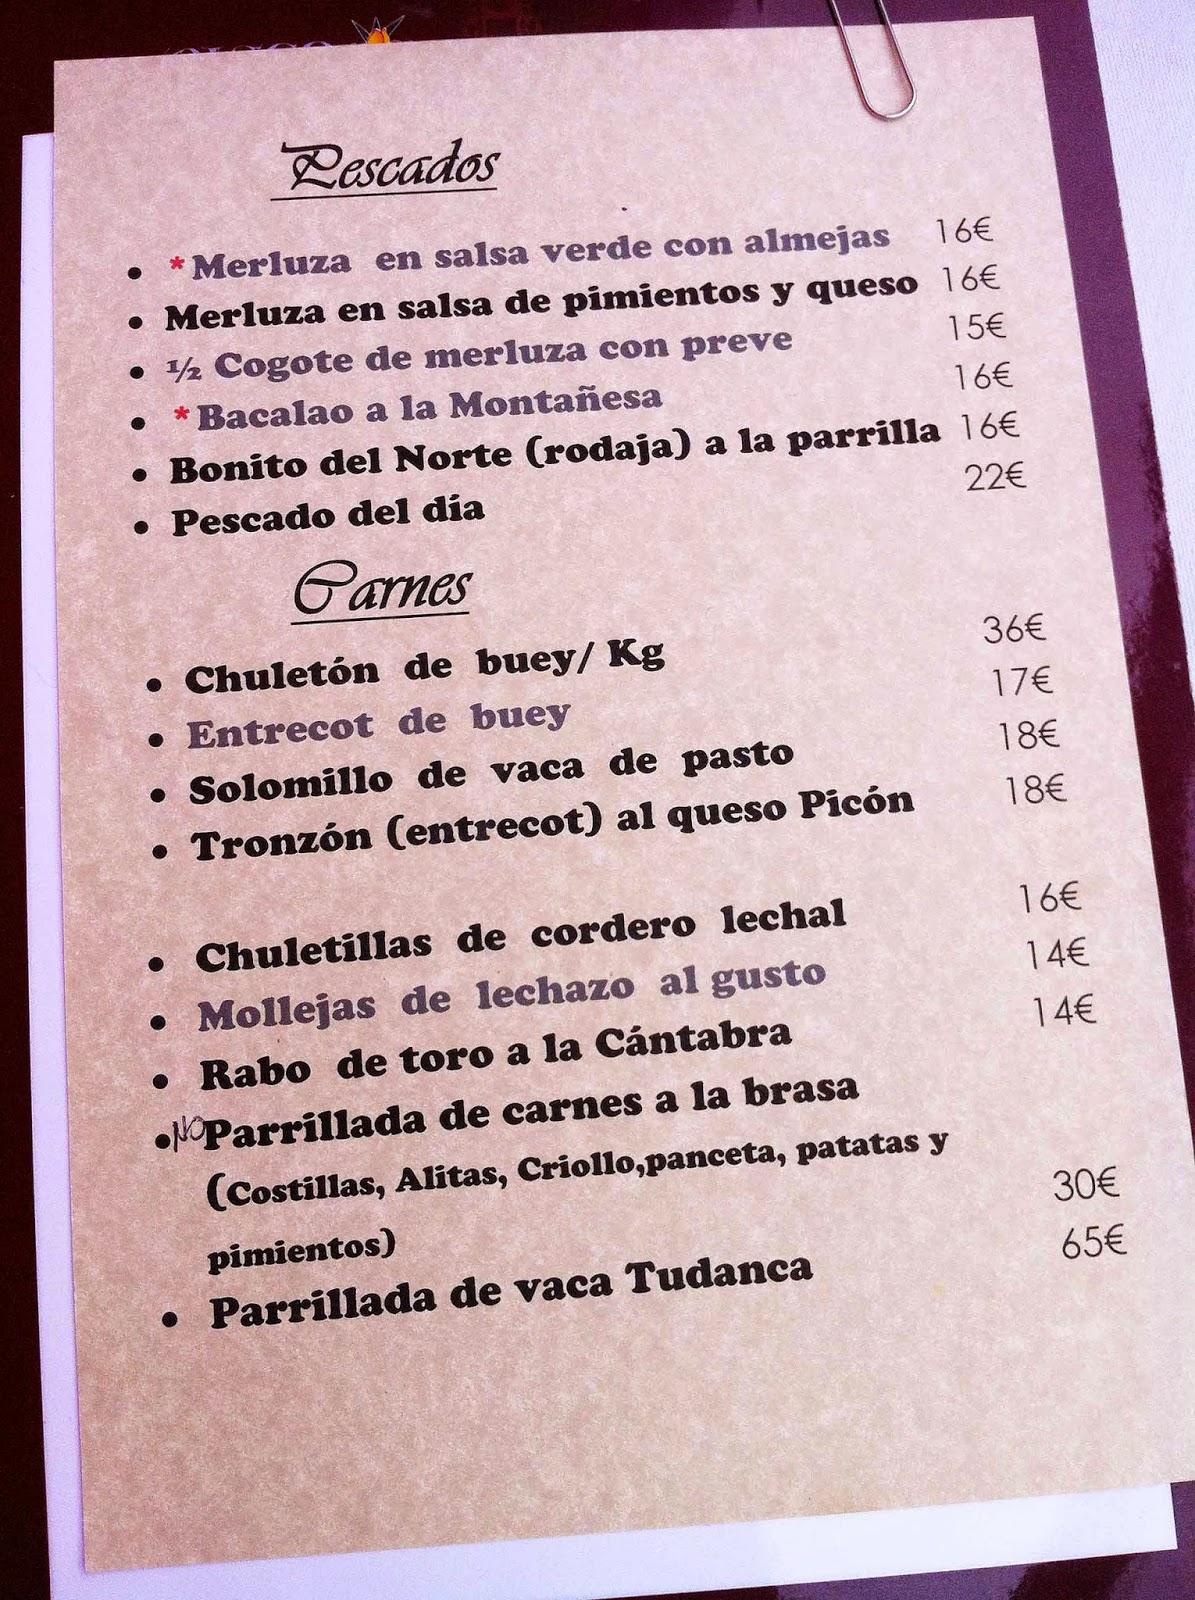 Restaurante-ElRisco-Laredo-Pescados-Carnes